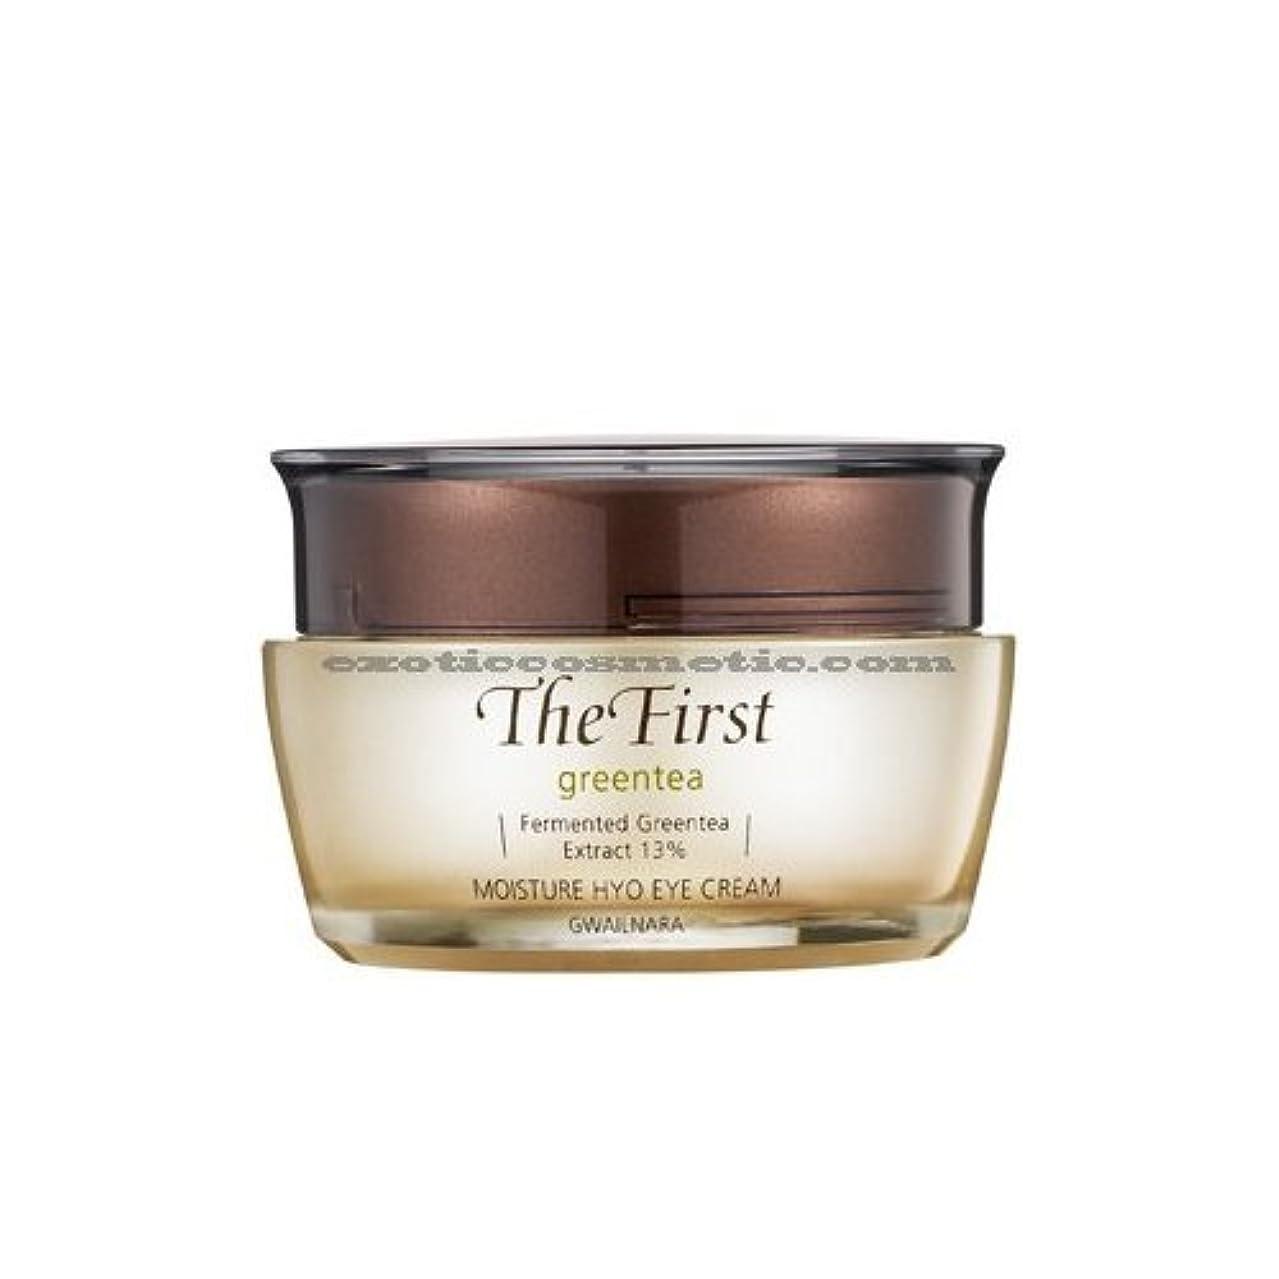 上院議員インペリアル行うThe First Green Tea Natural Moisture Eye Cream - Fermented Green Tea